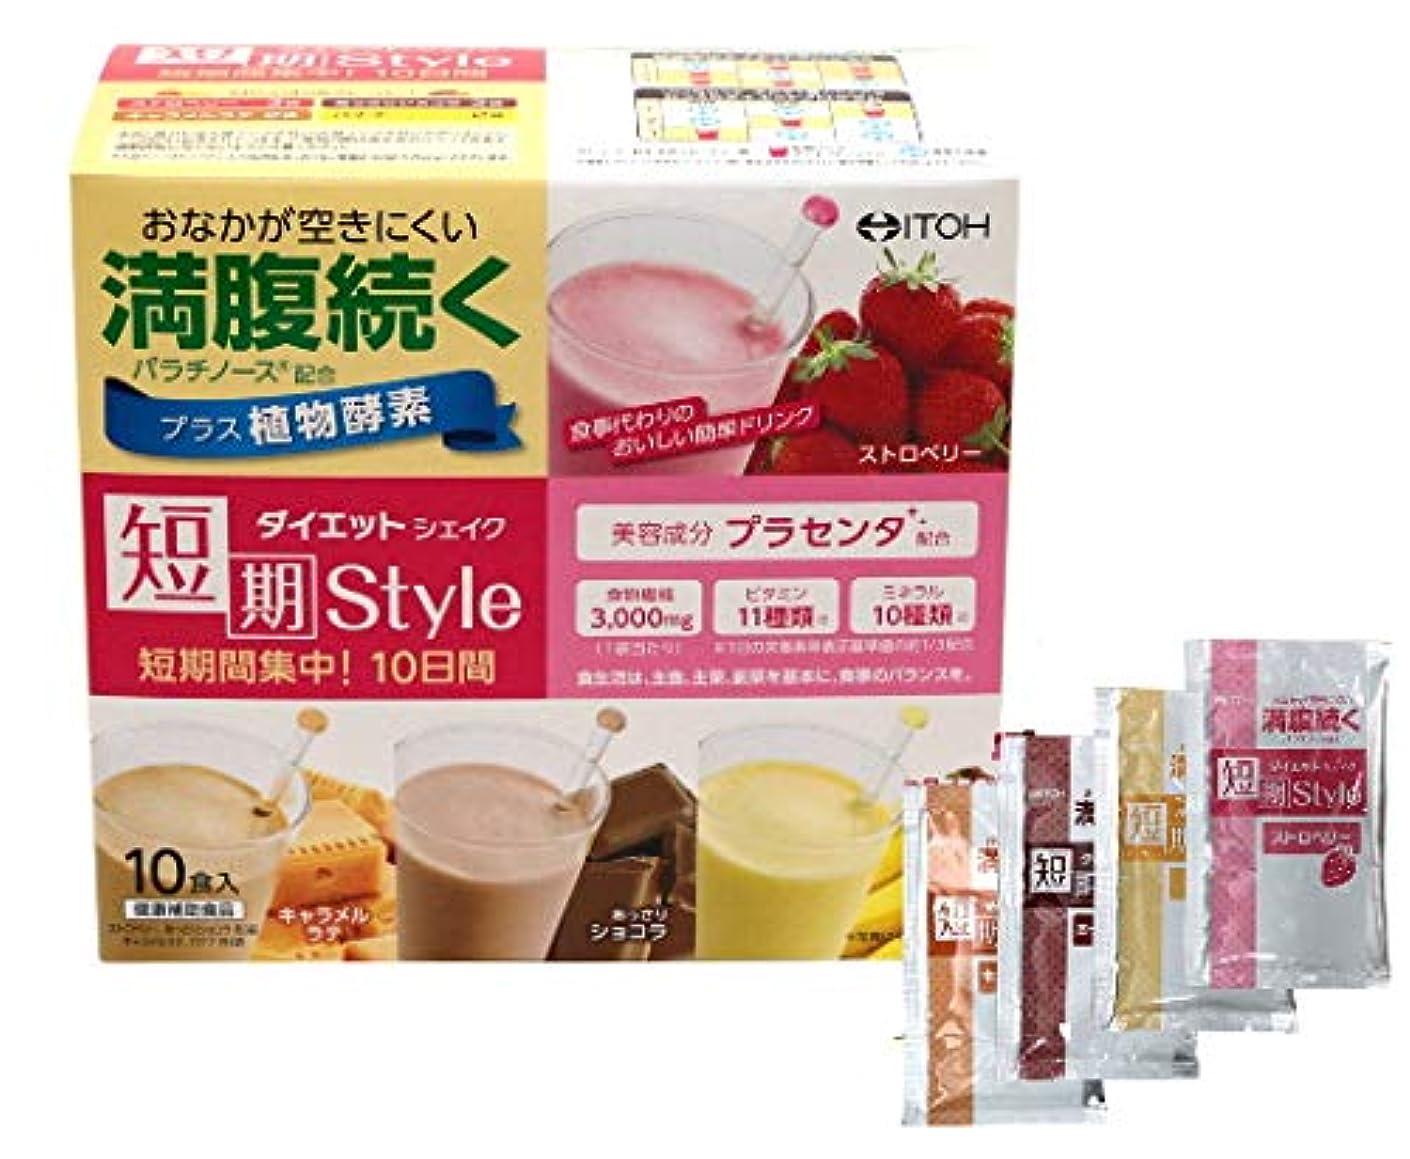 欠員酒全体井藤漢方 短期スタイル ダイエットシェイク(25g×10袋)2個セット